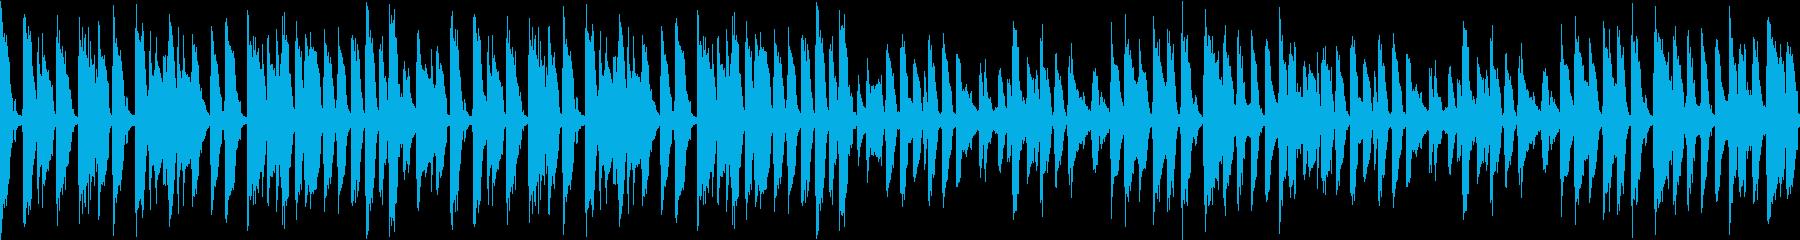 あのクリスマスの名曲をジャズで3(ループの再生済みの波形